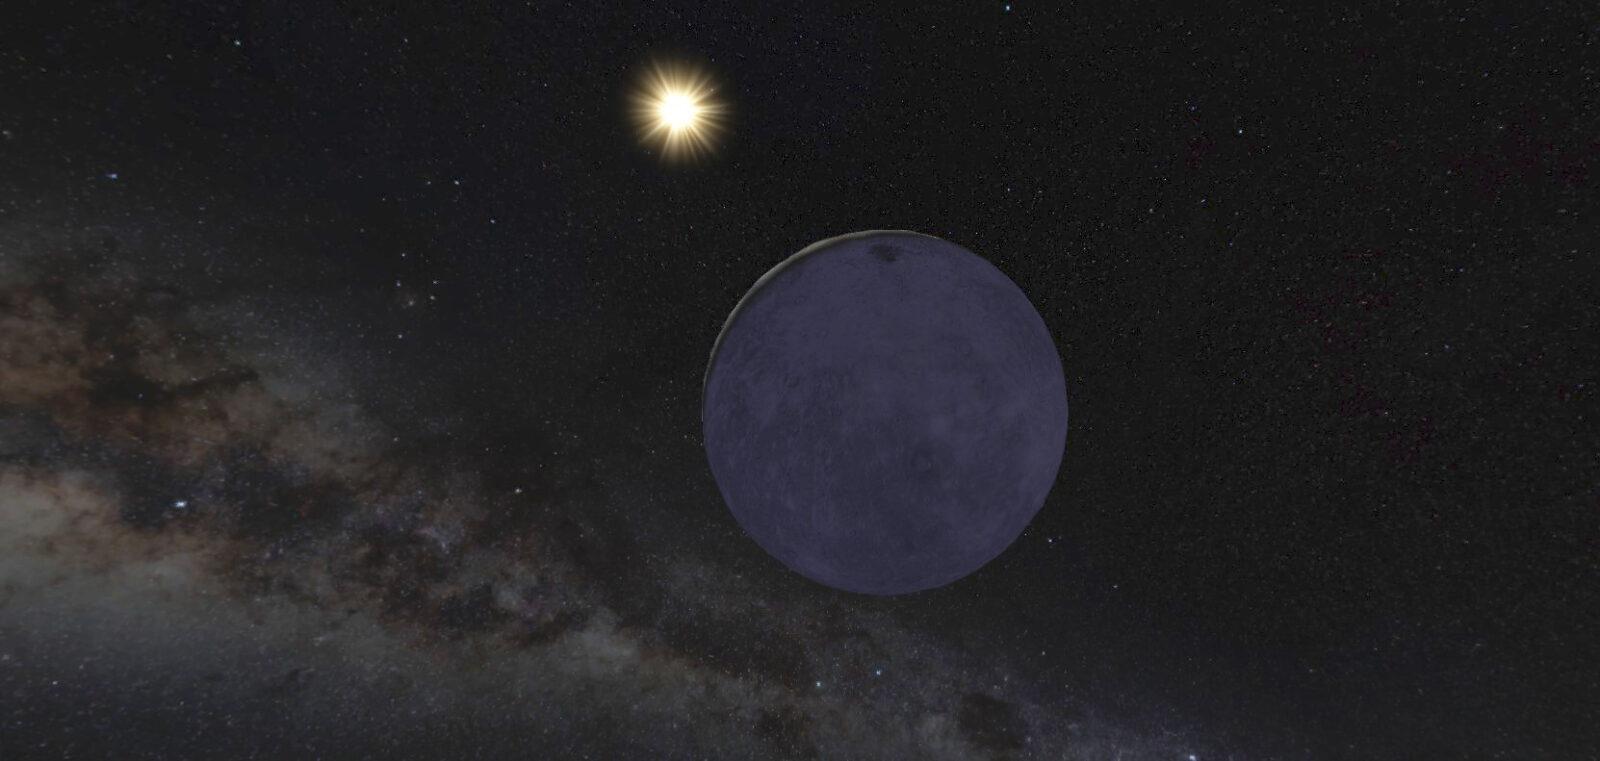 Przełomowe odkrycie naukowców. Wokół gwiazd podobnych do Słońca krąży co najmniej 300 mln planet nadających się do zamieszkania